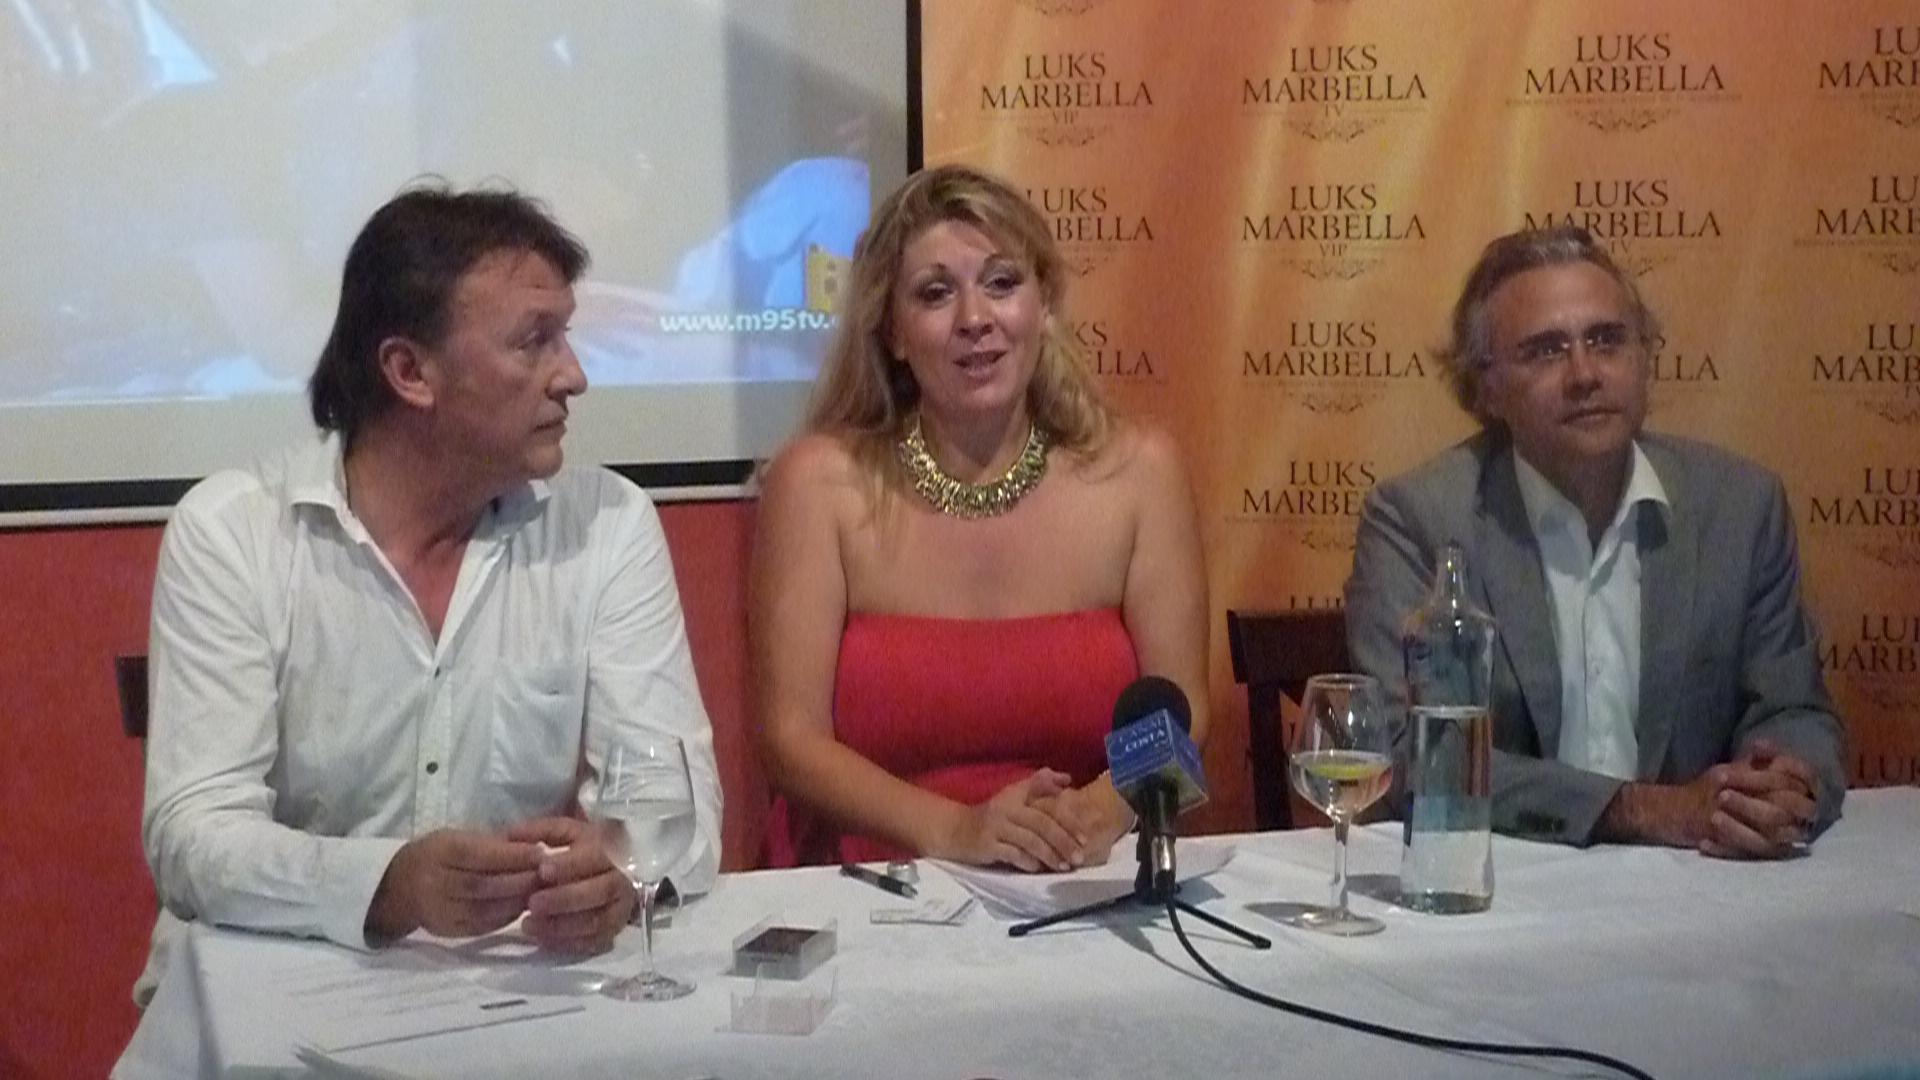 Presentación del canal ruso LUKS MARBELLA TV